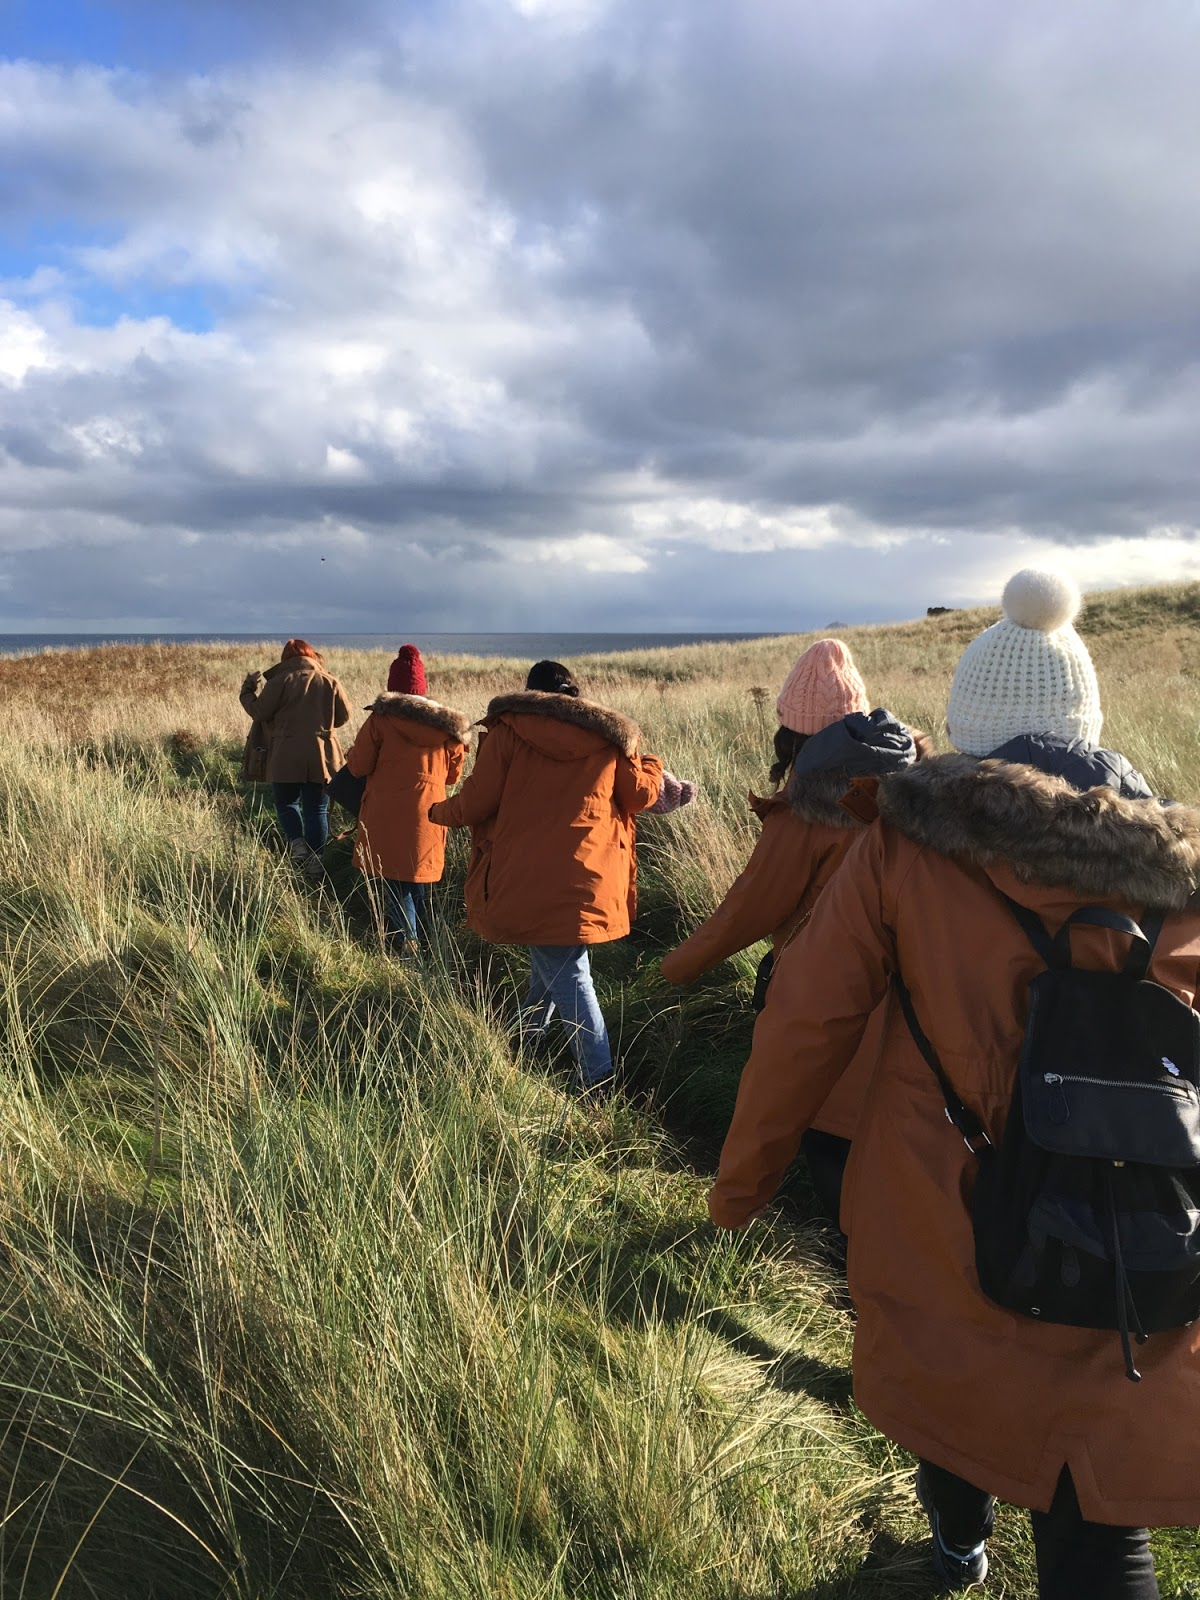 scottish travel guide blog